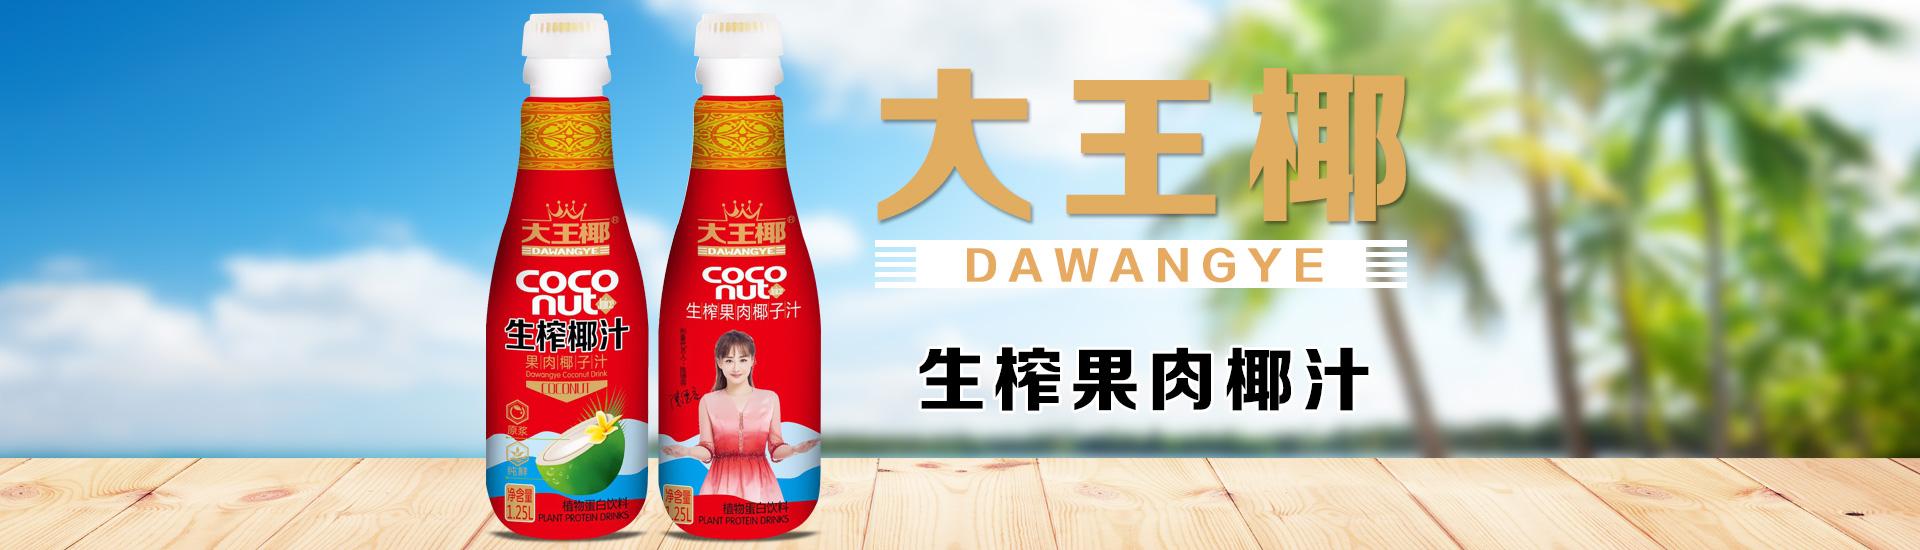 广东大王椰食品有限公司